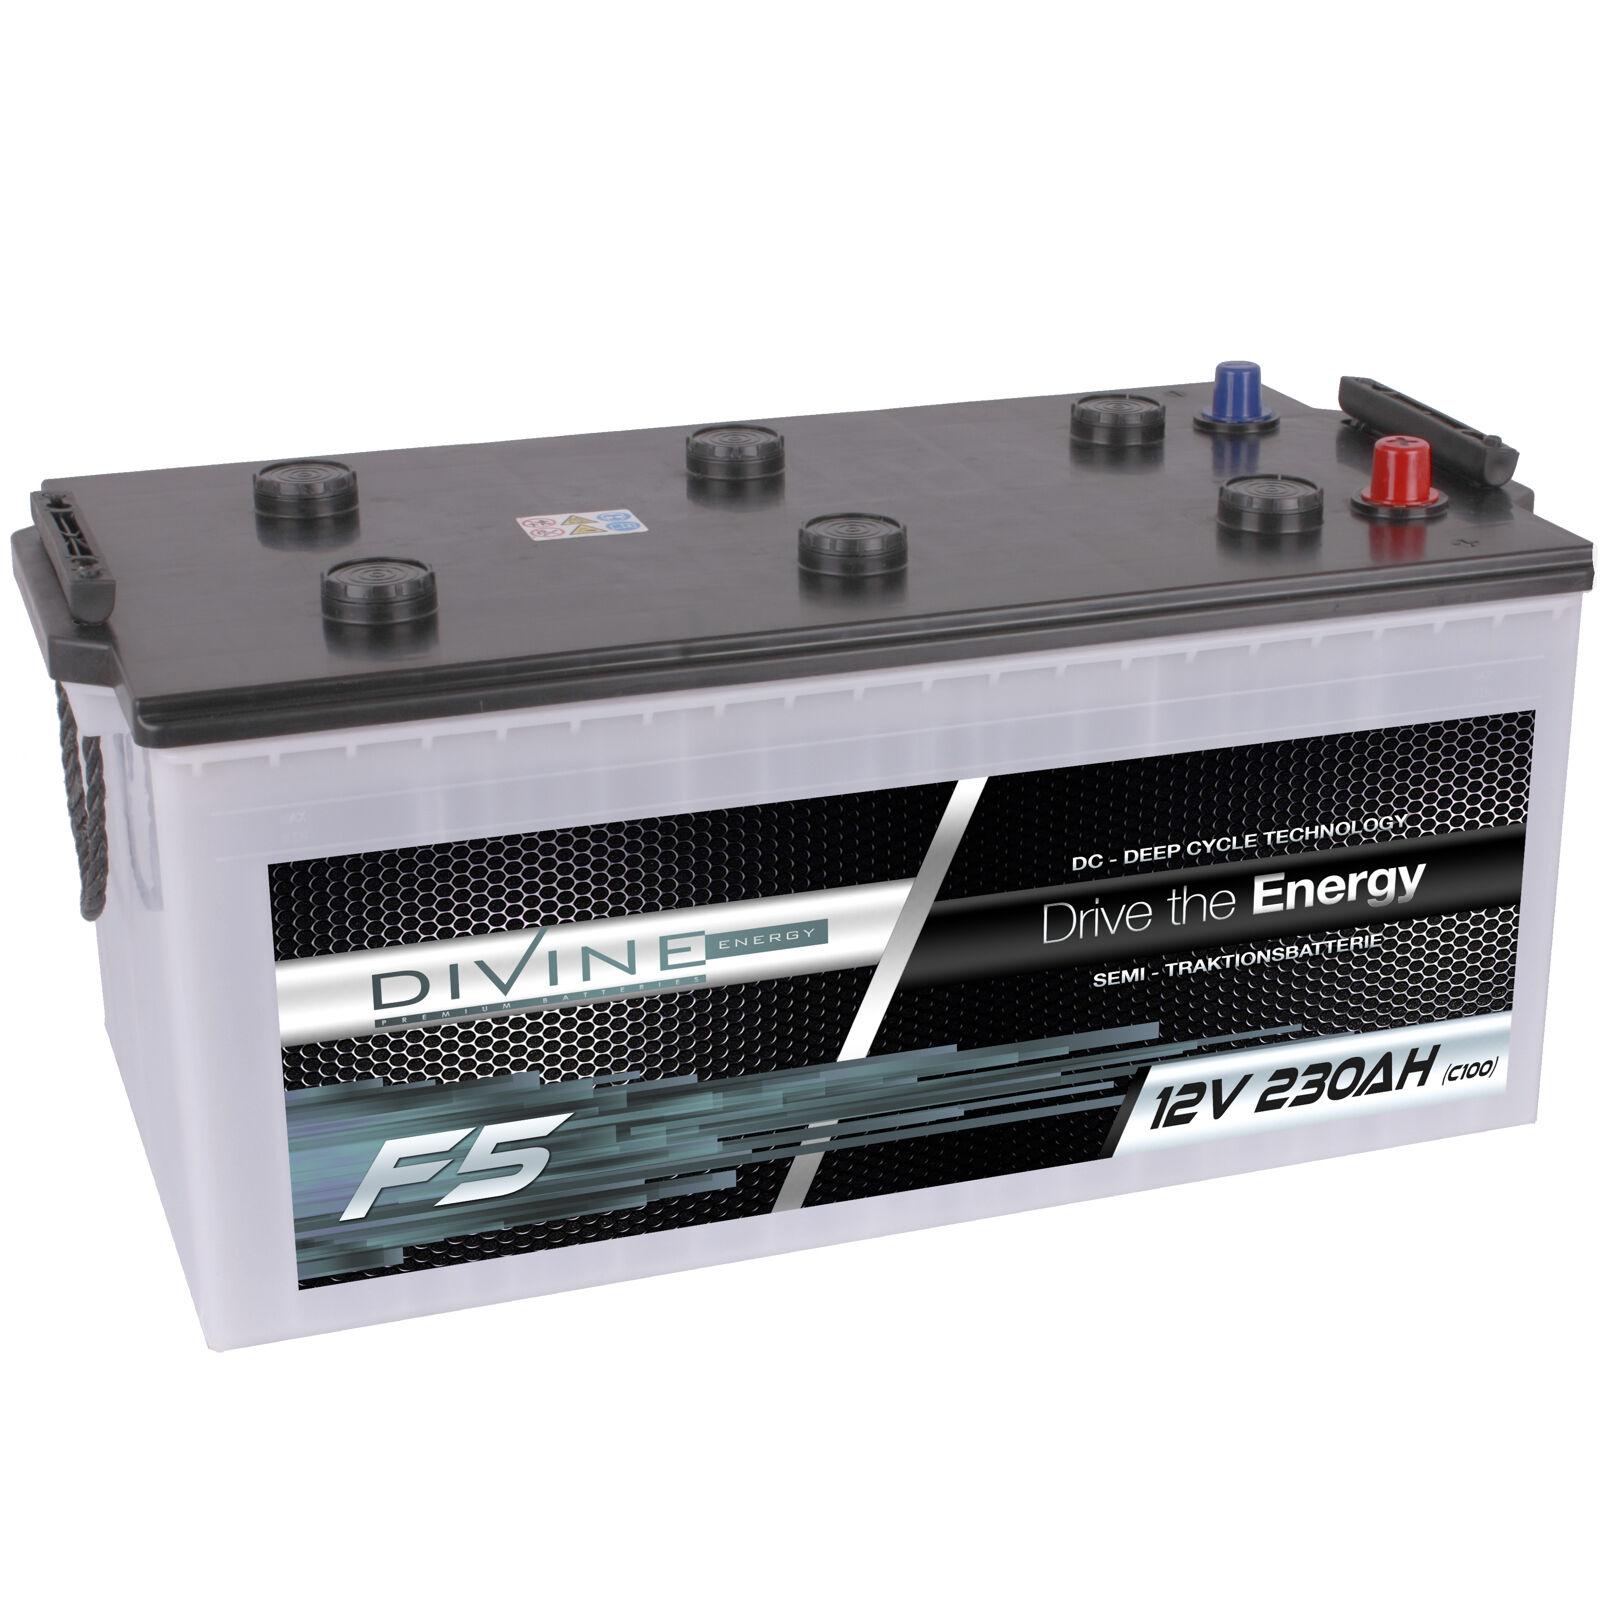 DiVine Stiefel F5 12V 230Ah Batterie für Stiefel DiVine Yacht Schiff Marine Antrieb Alarm Hobby 315602